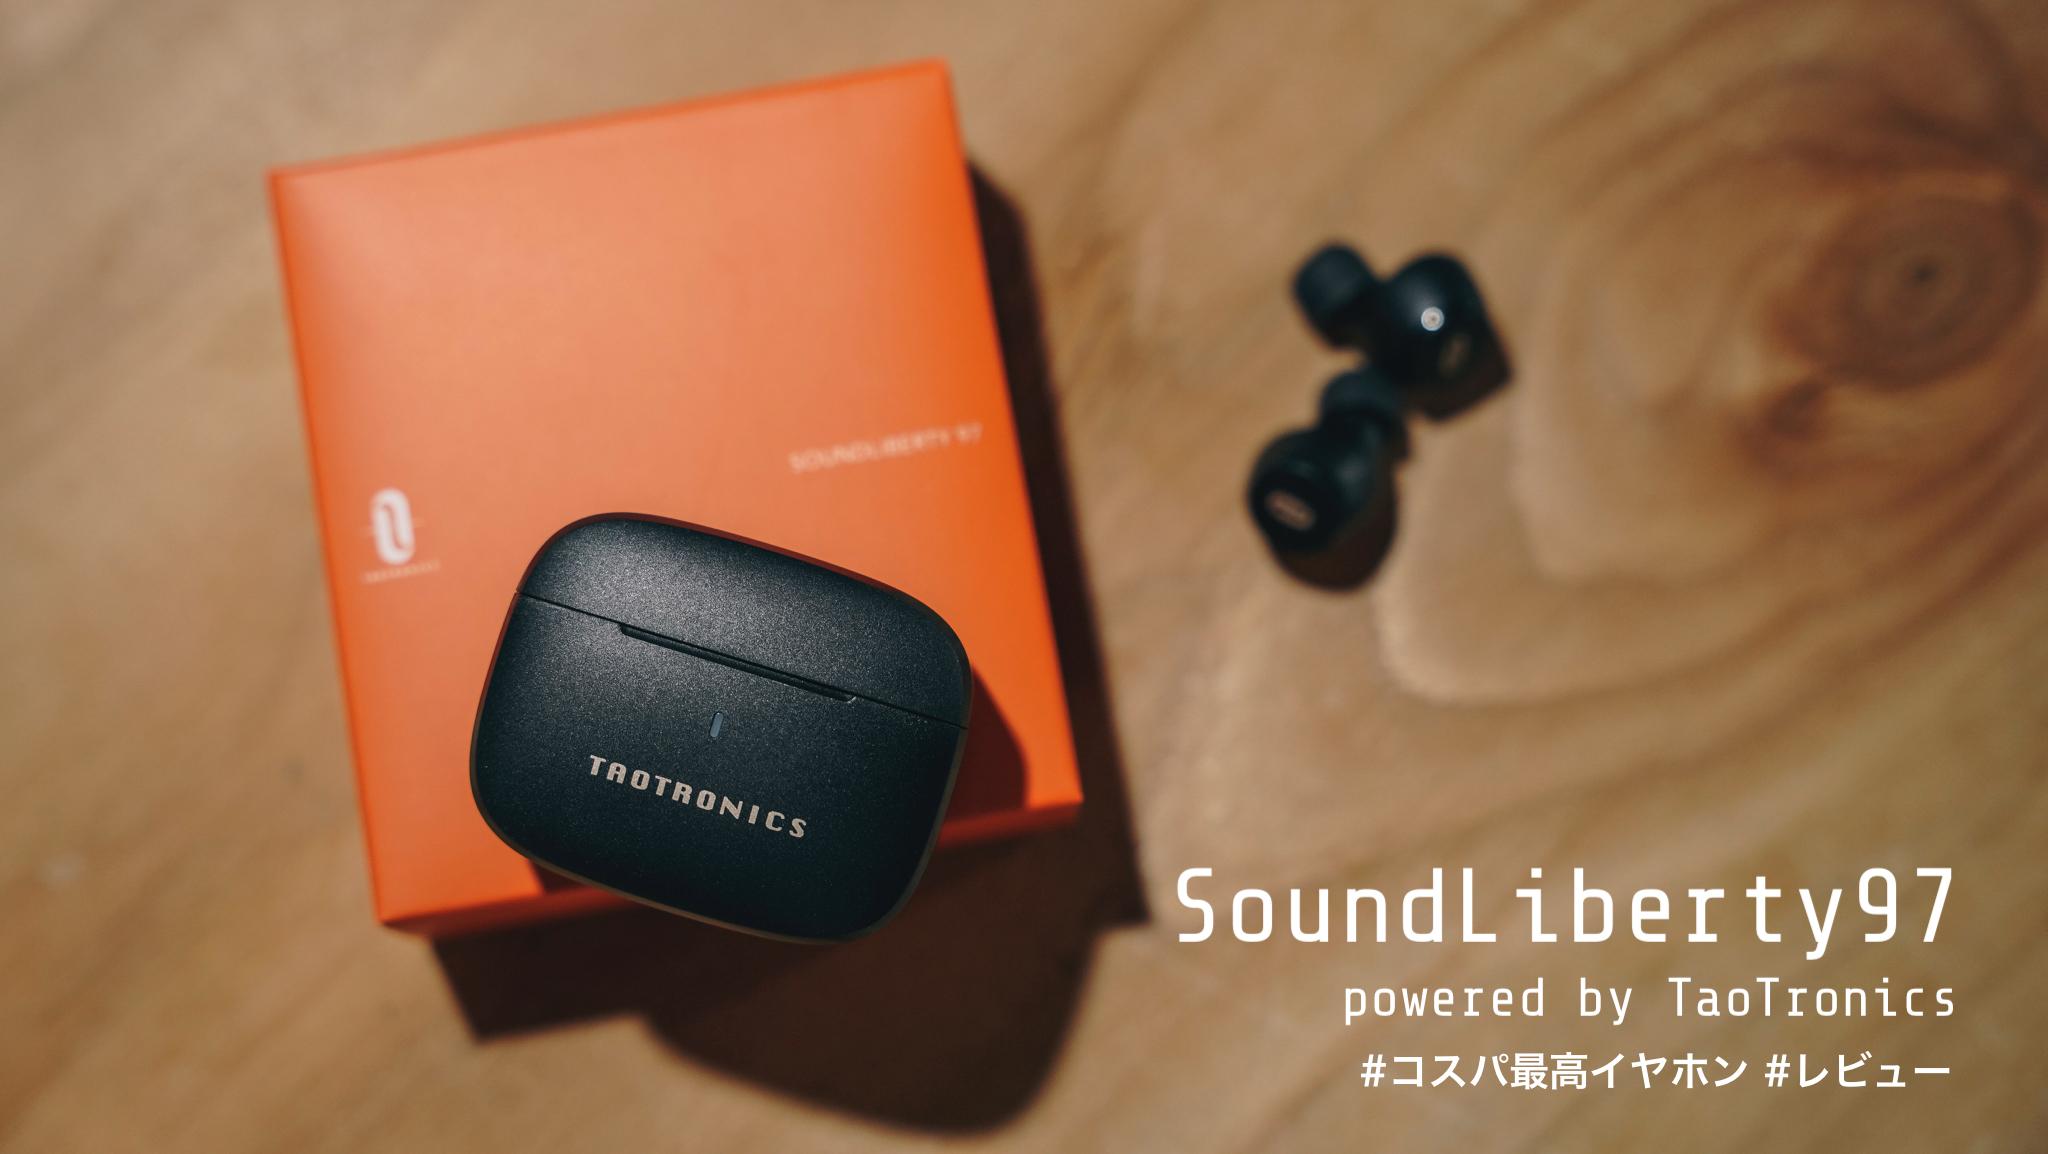 【レビュー】TaoTronics SoundLiberty97|はじめの一台にピッタリのワイヤレスイヤホン